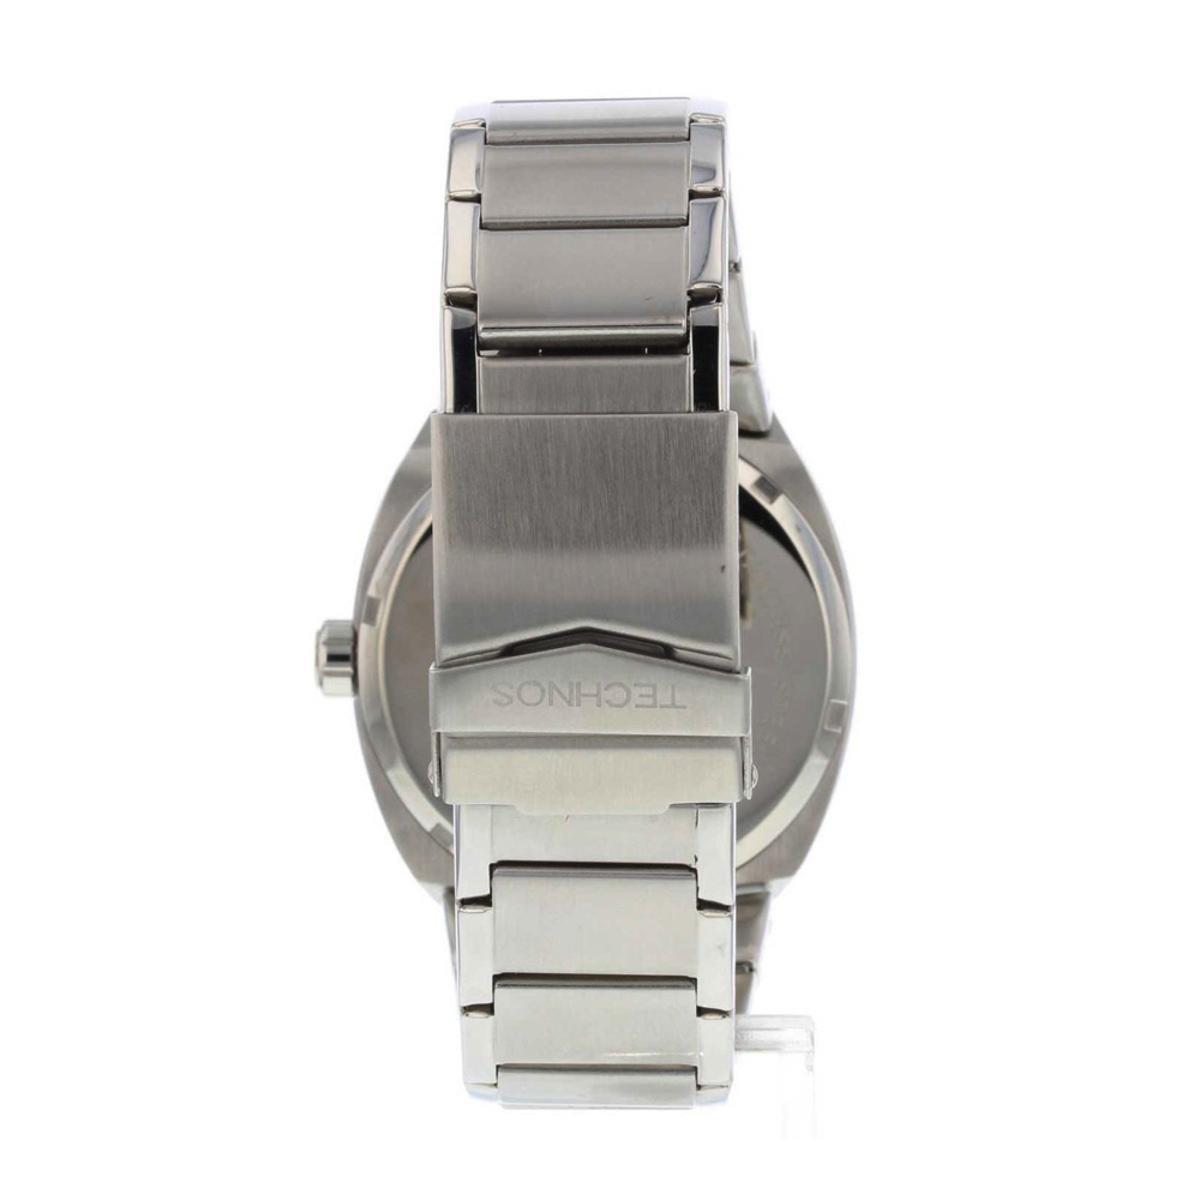 ... Relógio Technos Skymaster Masculino Multifunção - 6P29AHE 1P 6P29AHE 1P e3a388c287